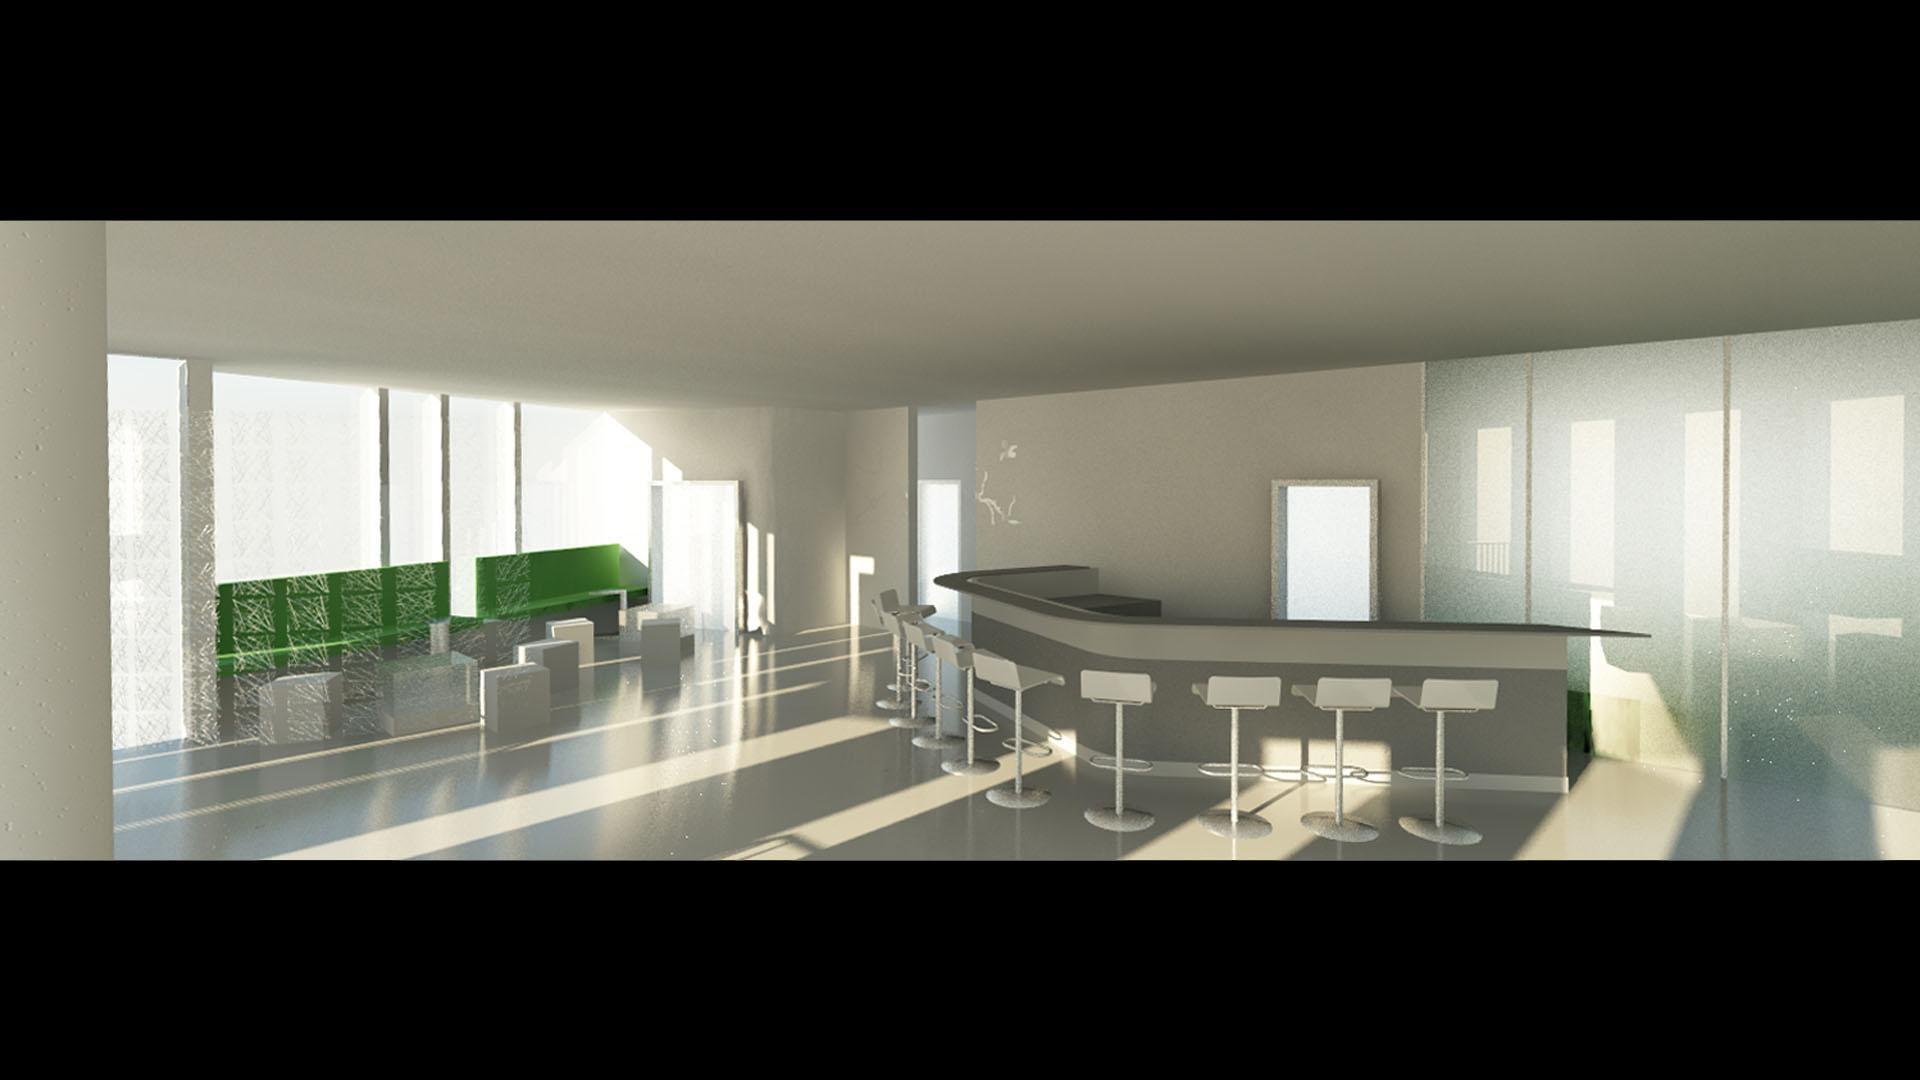 MAASS-Lichtplanung_Gestaltungskonzept Bar__MAASS-Poseidon-Bar-005